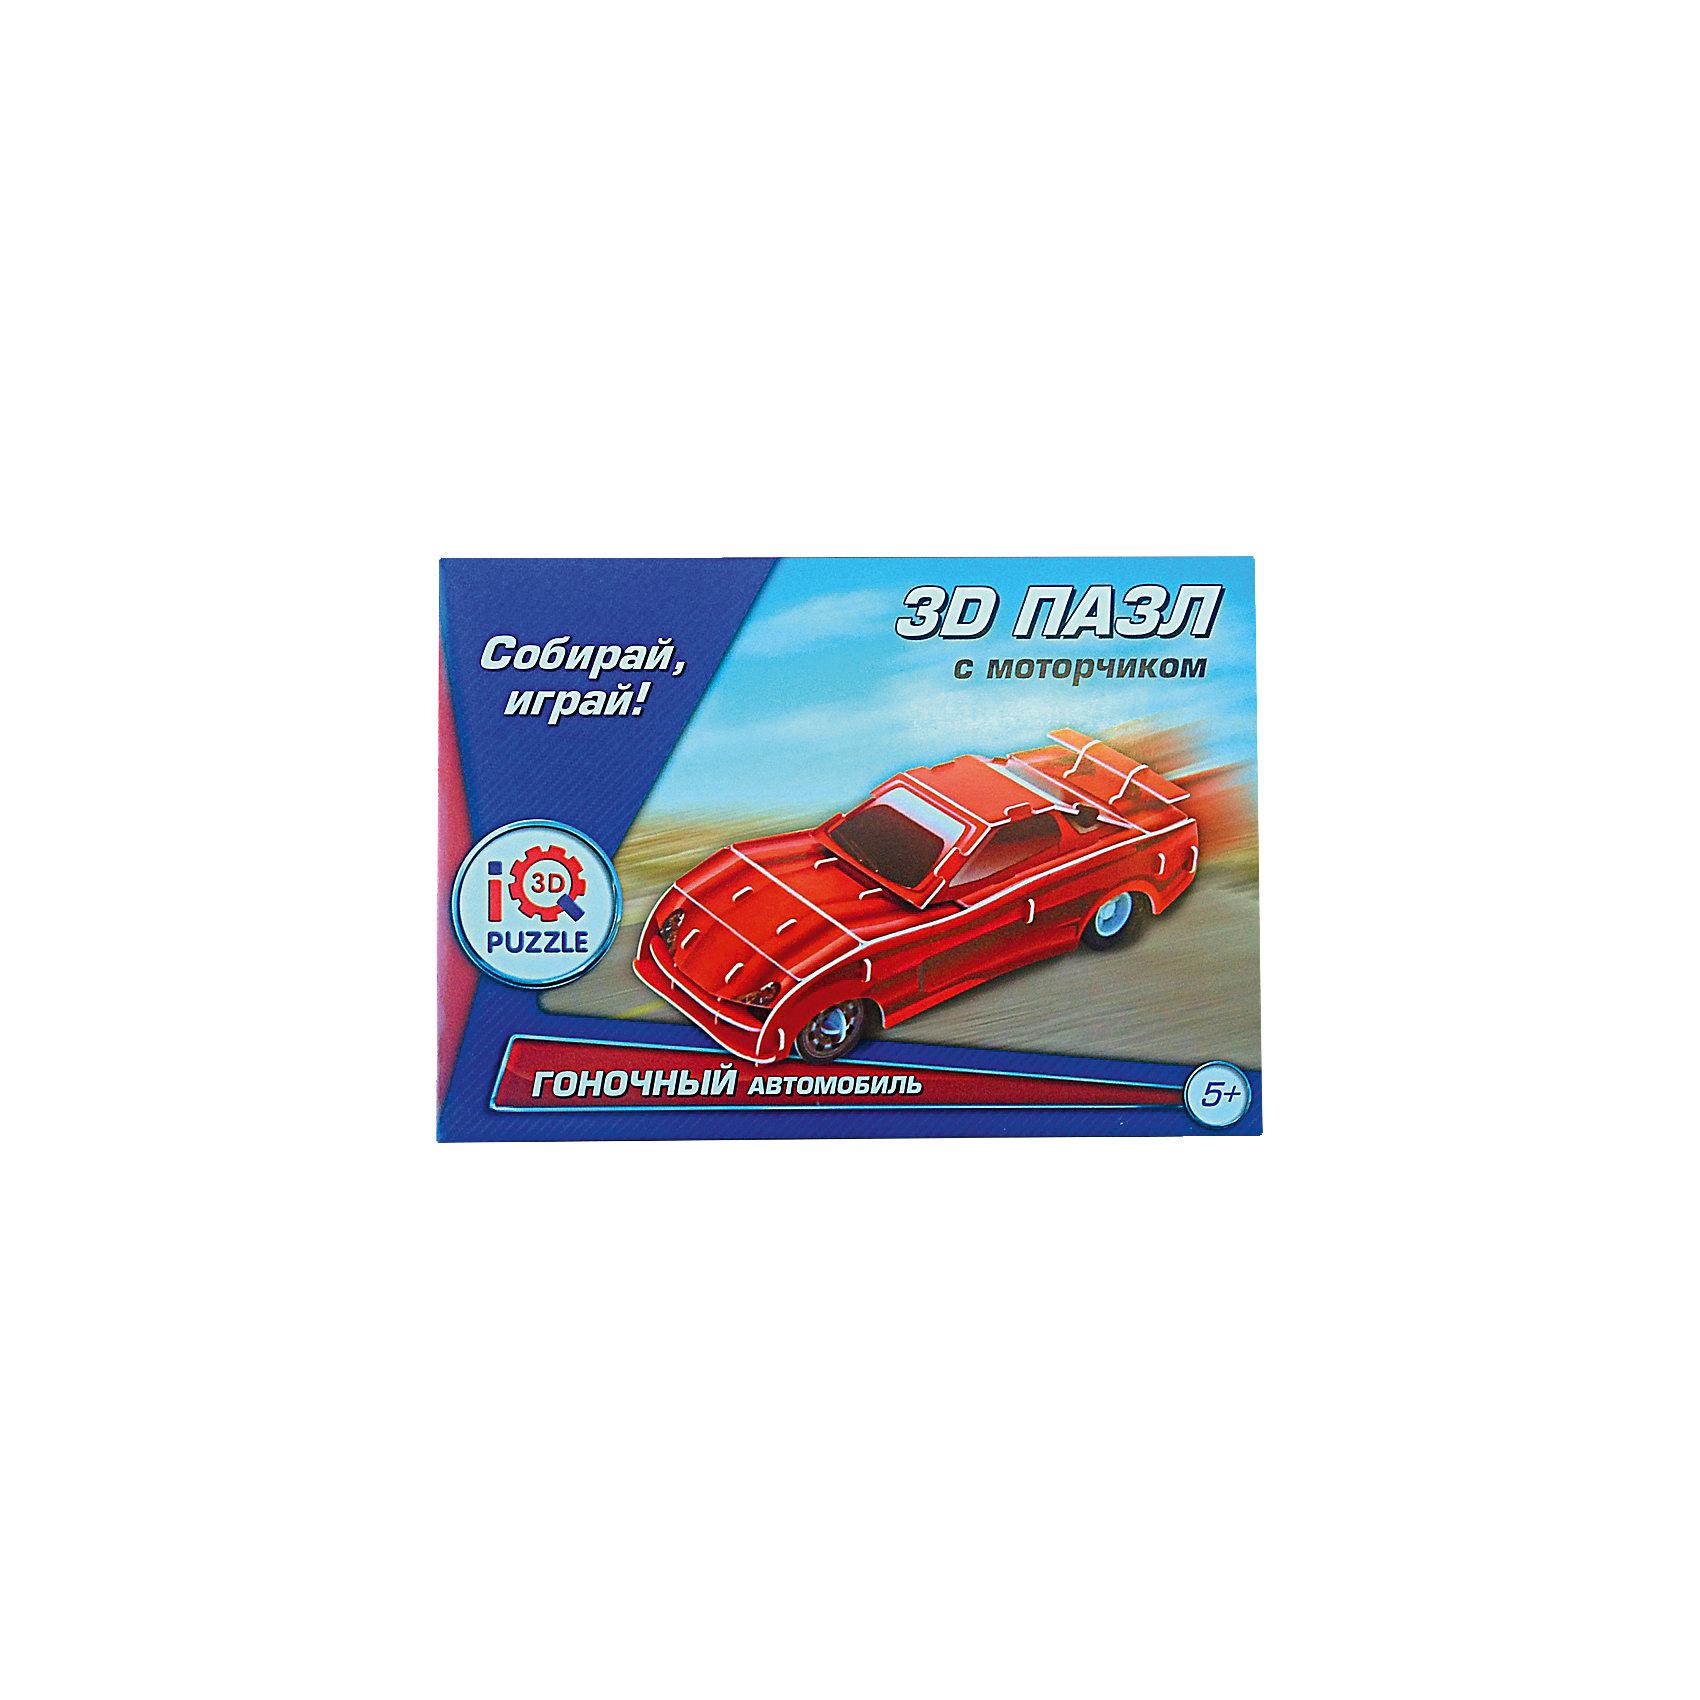 3D пазл Красный гоночный автомобиль, инерционный, 58 деталейСобери настоящий гоночный автомобиль на объемных колесах! Оснащенный инерционным механизмом он очень быстро ездит и обязательно победит в гонке. Все детали игрушки выполнены из высококачественного пластика, части пазла имеют надежные крепления, легко собираются, покрыты слоем пластика для еще большей долговечности. Собирание пазлов способствует развитию мелкой моторики, образного и логического мышления. Без дополнительных инструментов и посторонней помощи ваш ребенок сможет сам создать мощный погрузчик. <br><br>Дополнительная информация:<br><br>- Материал: пластик, ламинированный пенокартон.<br>- Комплектация: детали пазла, колеса с инерционным механизмом, инструкция.<br>- Размер упаковки: 17х12 см.<br><br>3D пазл Красный гоночный автомобиль, с моторчиком можно купить в нашем магазине.<br><br>Ширина мм: 170<br>Глубина мм: 30<br>Высота мм: 120<br>Вес г: 9999<br>Возраст от месяцев: 60<br>Возраст до месяцев: 120<br>Пол: Мужской<br>Возраст: Детский<br>Количество деталей: 58<br>SKU: 4038471